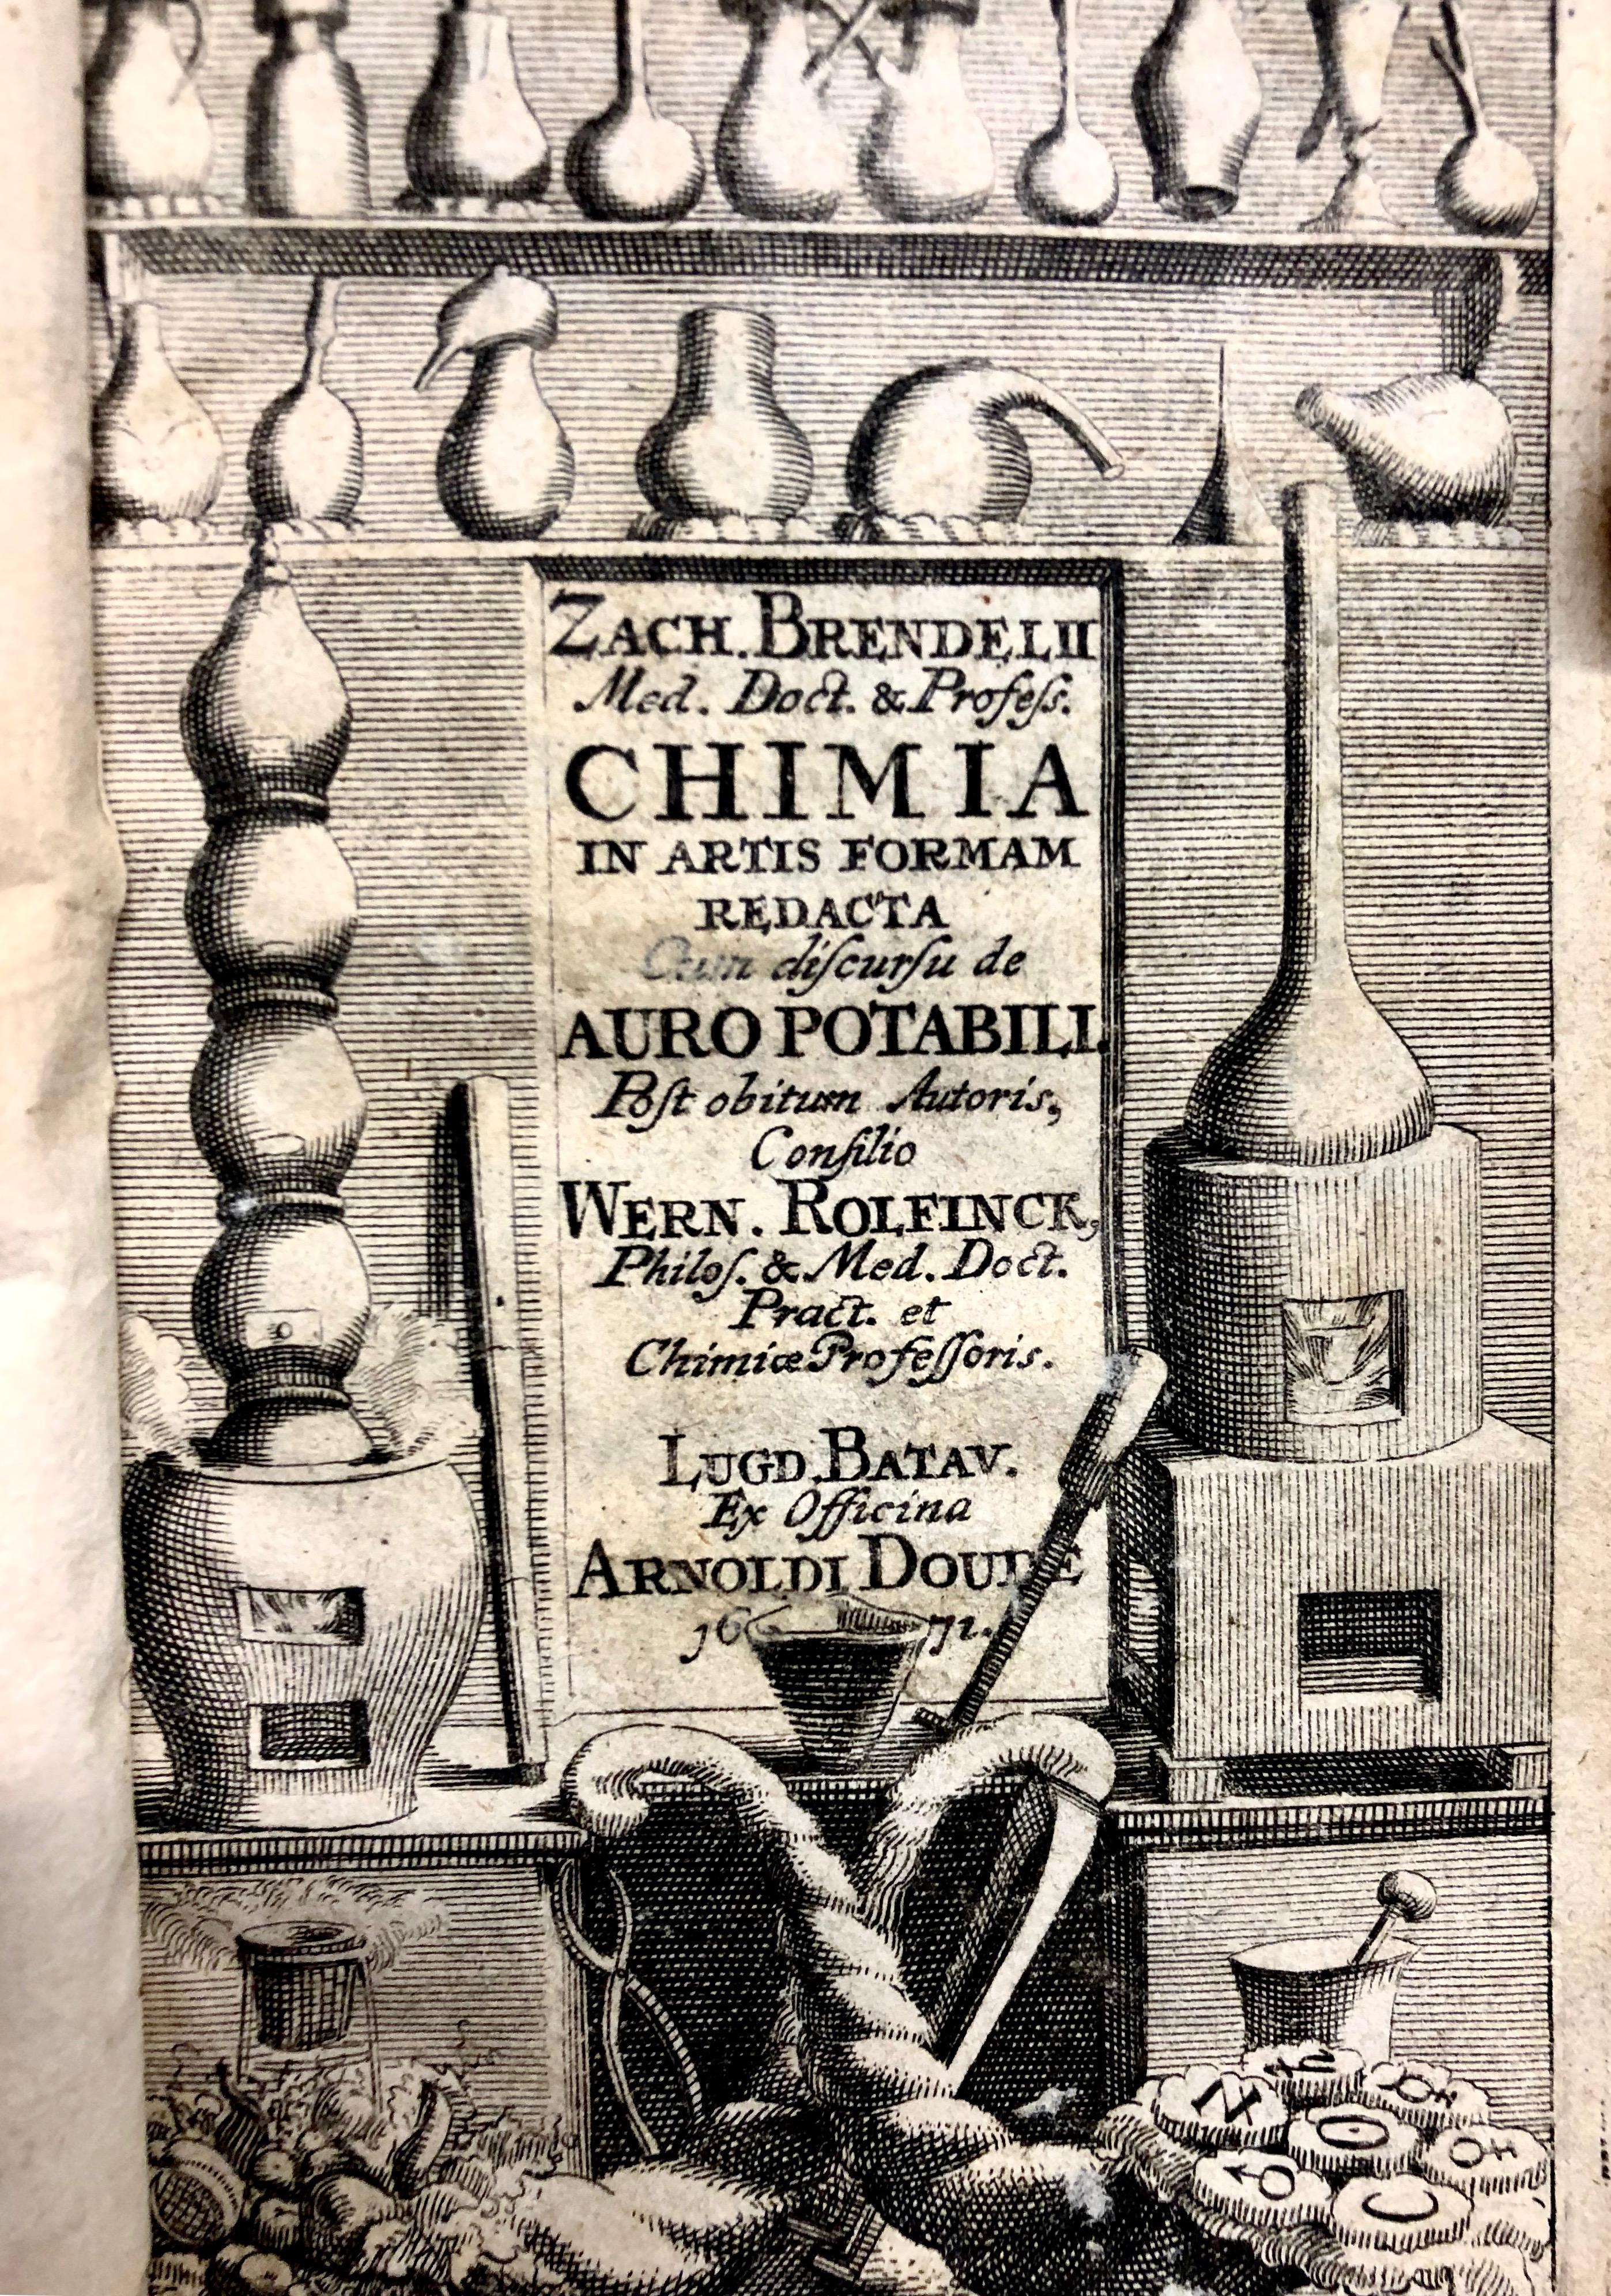 Title page for 'Chimia : in artis formam redacta ubi praeter methodum addiscendi ... chimicas facilimam, disquisitio curata de ... praeparatione, auri potabilis instituitur' by Zacharias Brendel, 1671, Leidel. (Maddison Collection 2A16, F10466900)